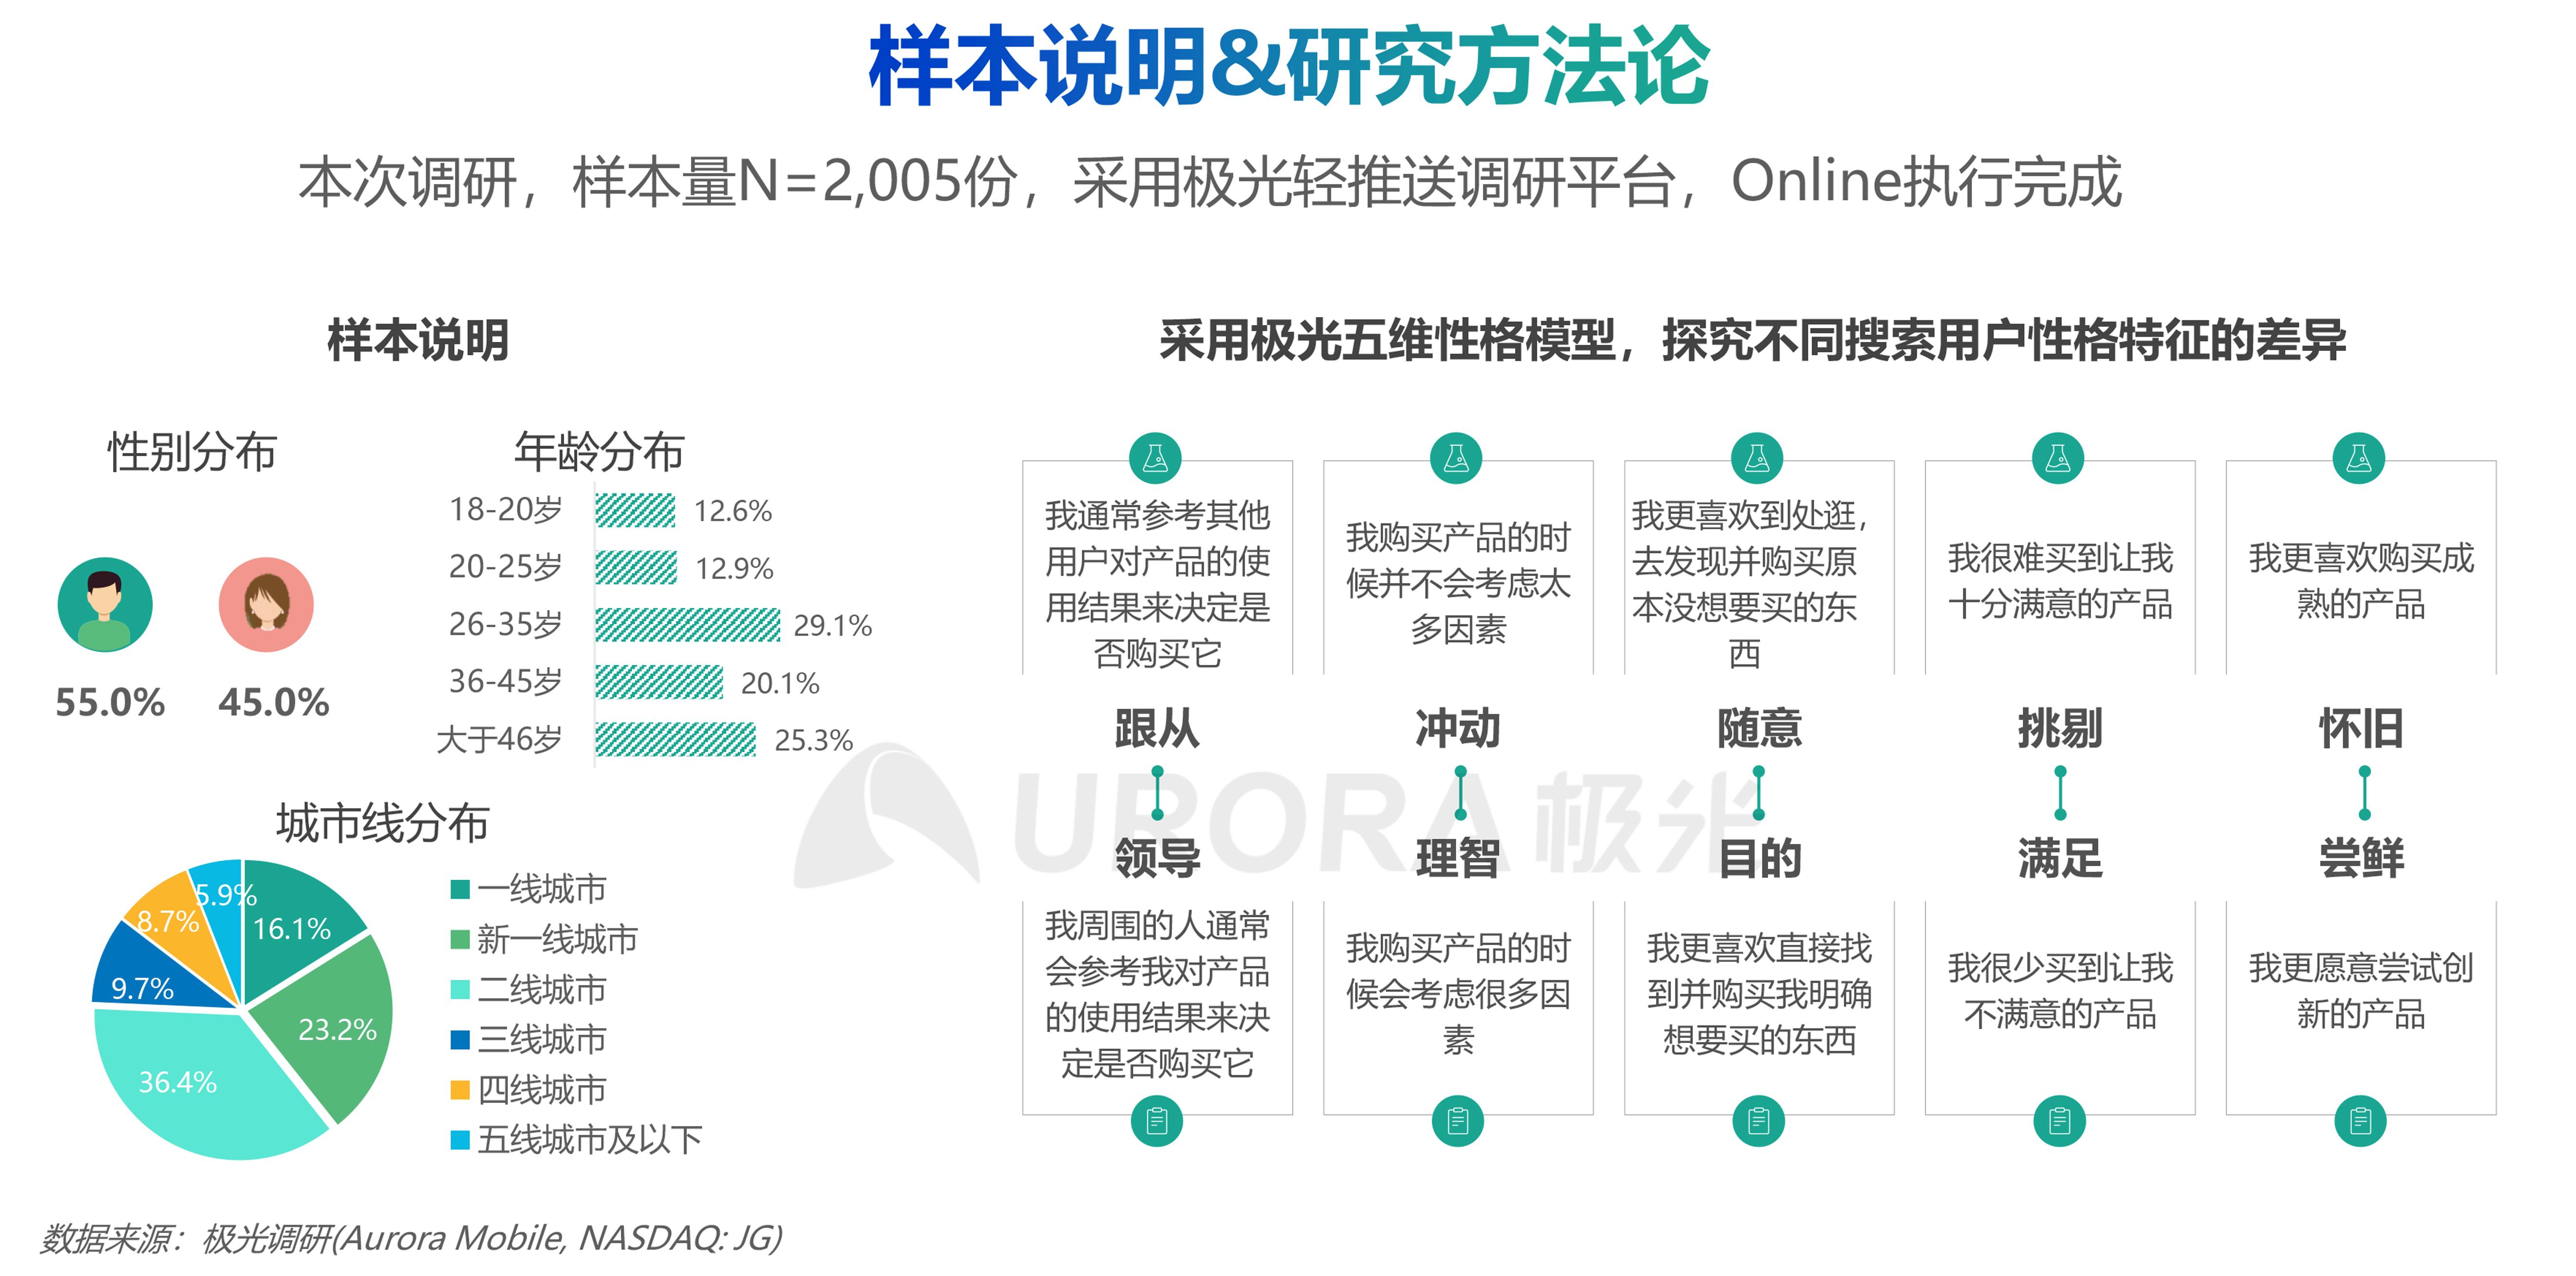 极光:内容生态搜索趋势报告png (1).png